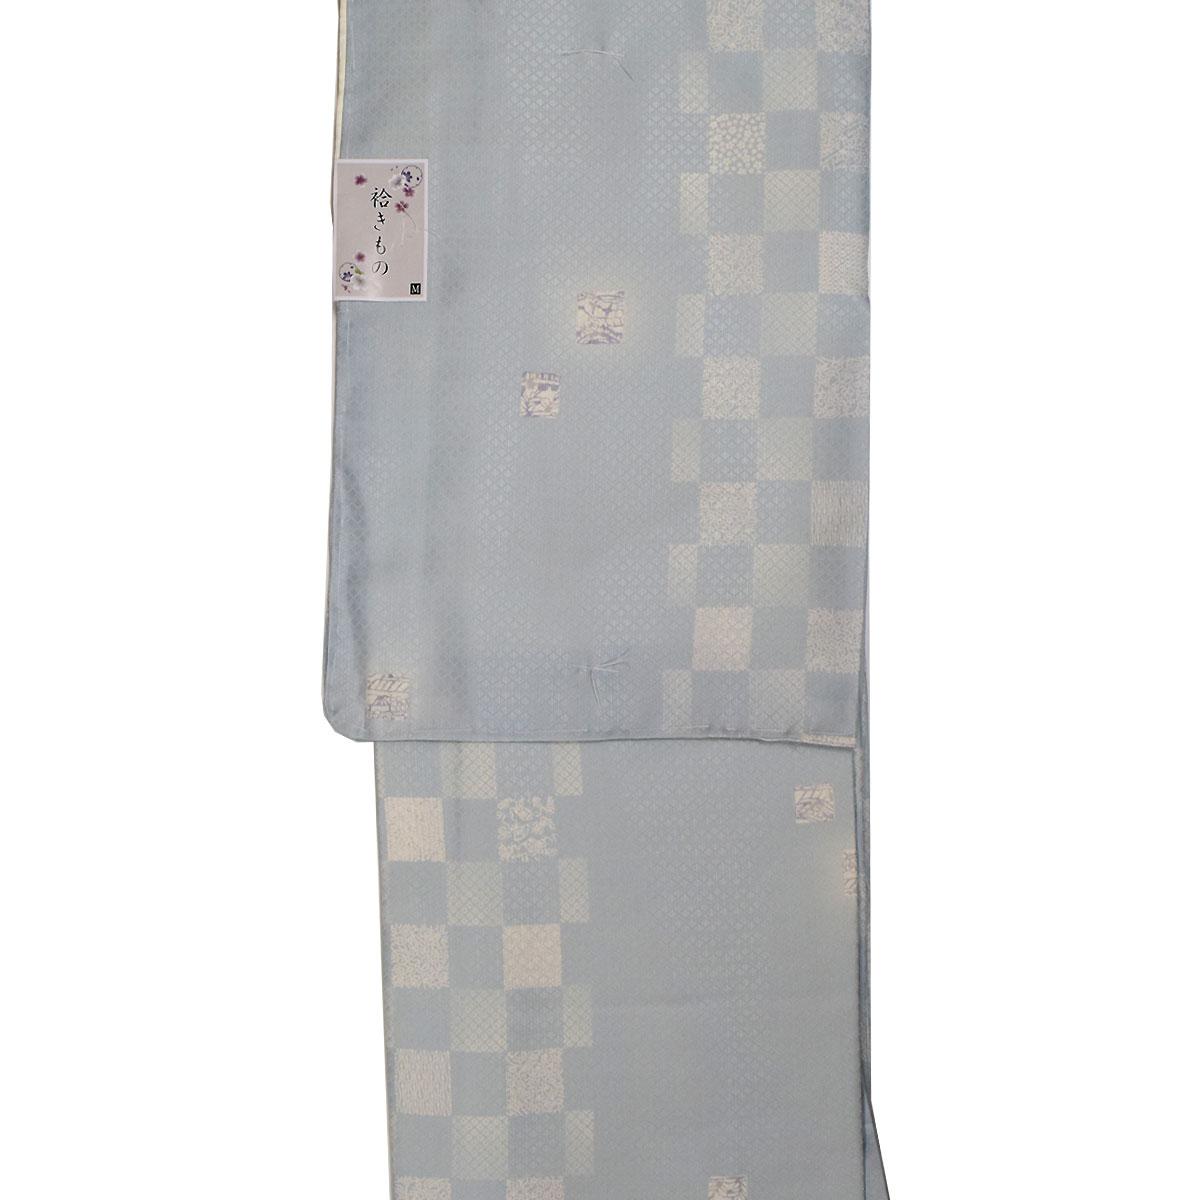 《30%オフクーポン利用可》お買い物マラソン【L寸】 上質生地 仕立て上がり 袷 洗える着物 【単品】番号c902-89 kimono washable